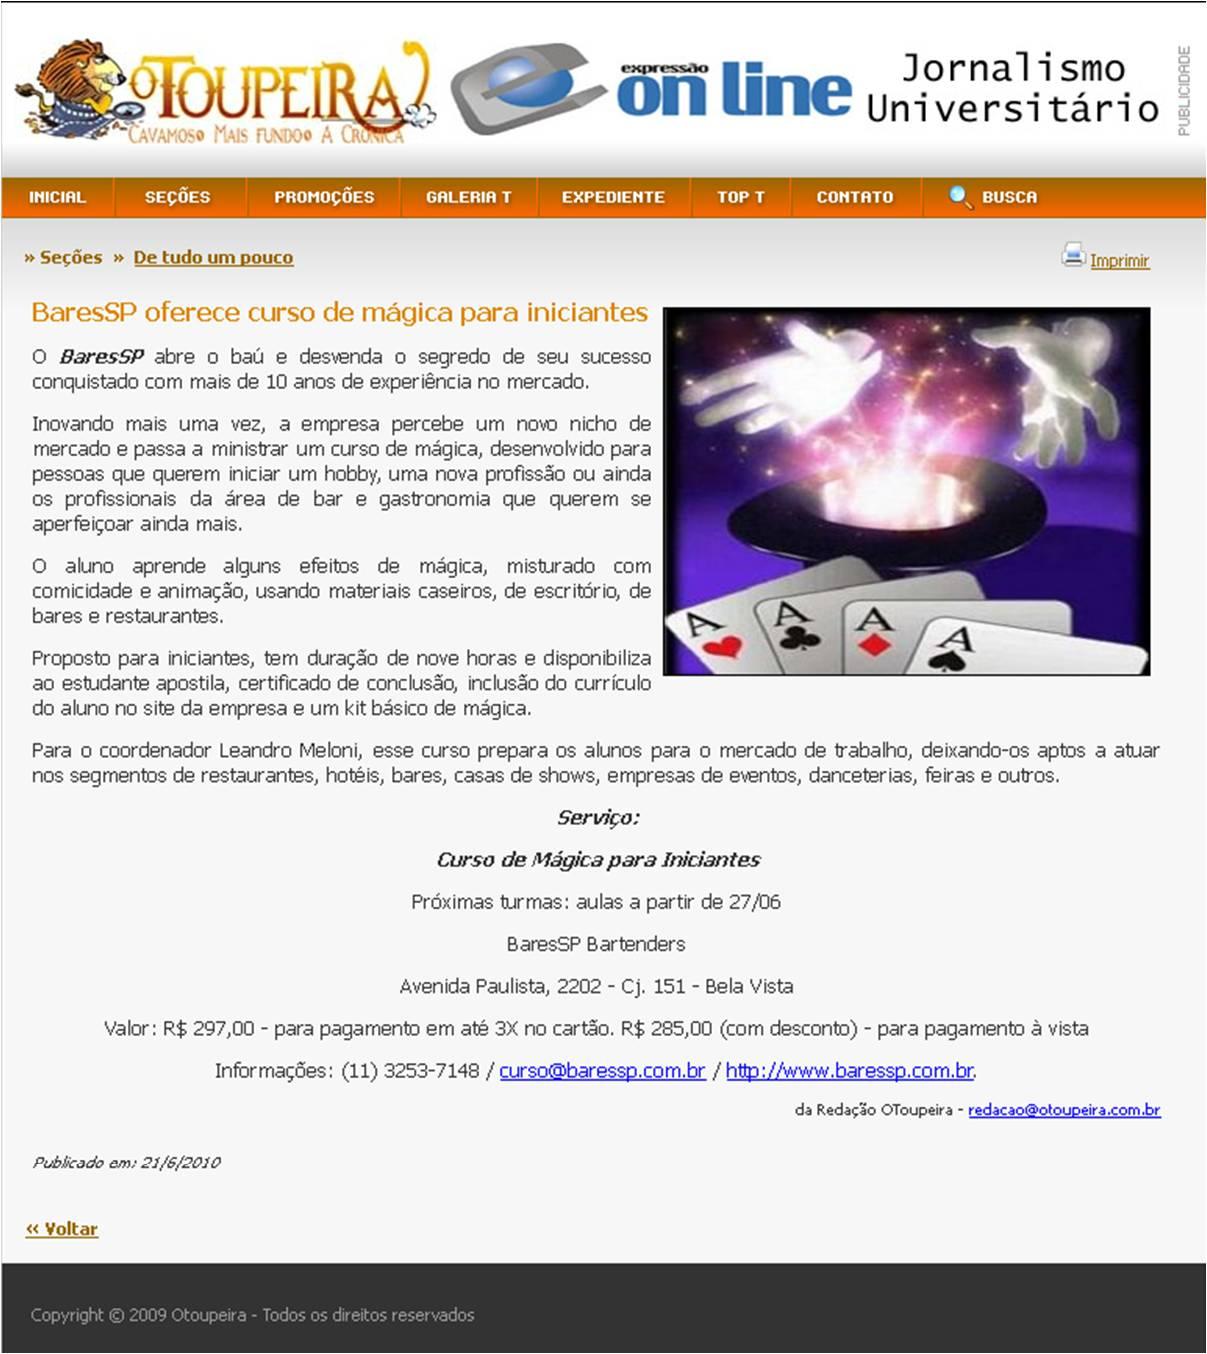 BaresSP oferece curso de mágica para iniciantes BaresSP image